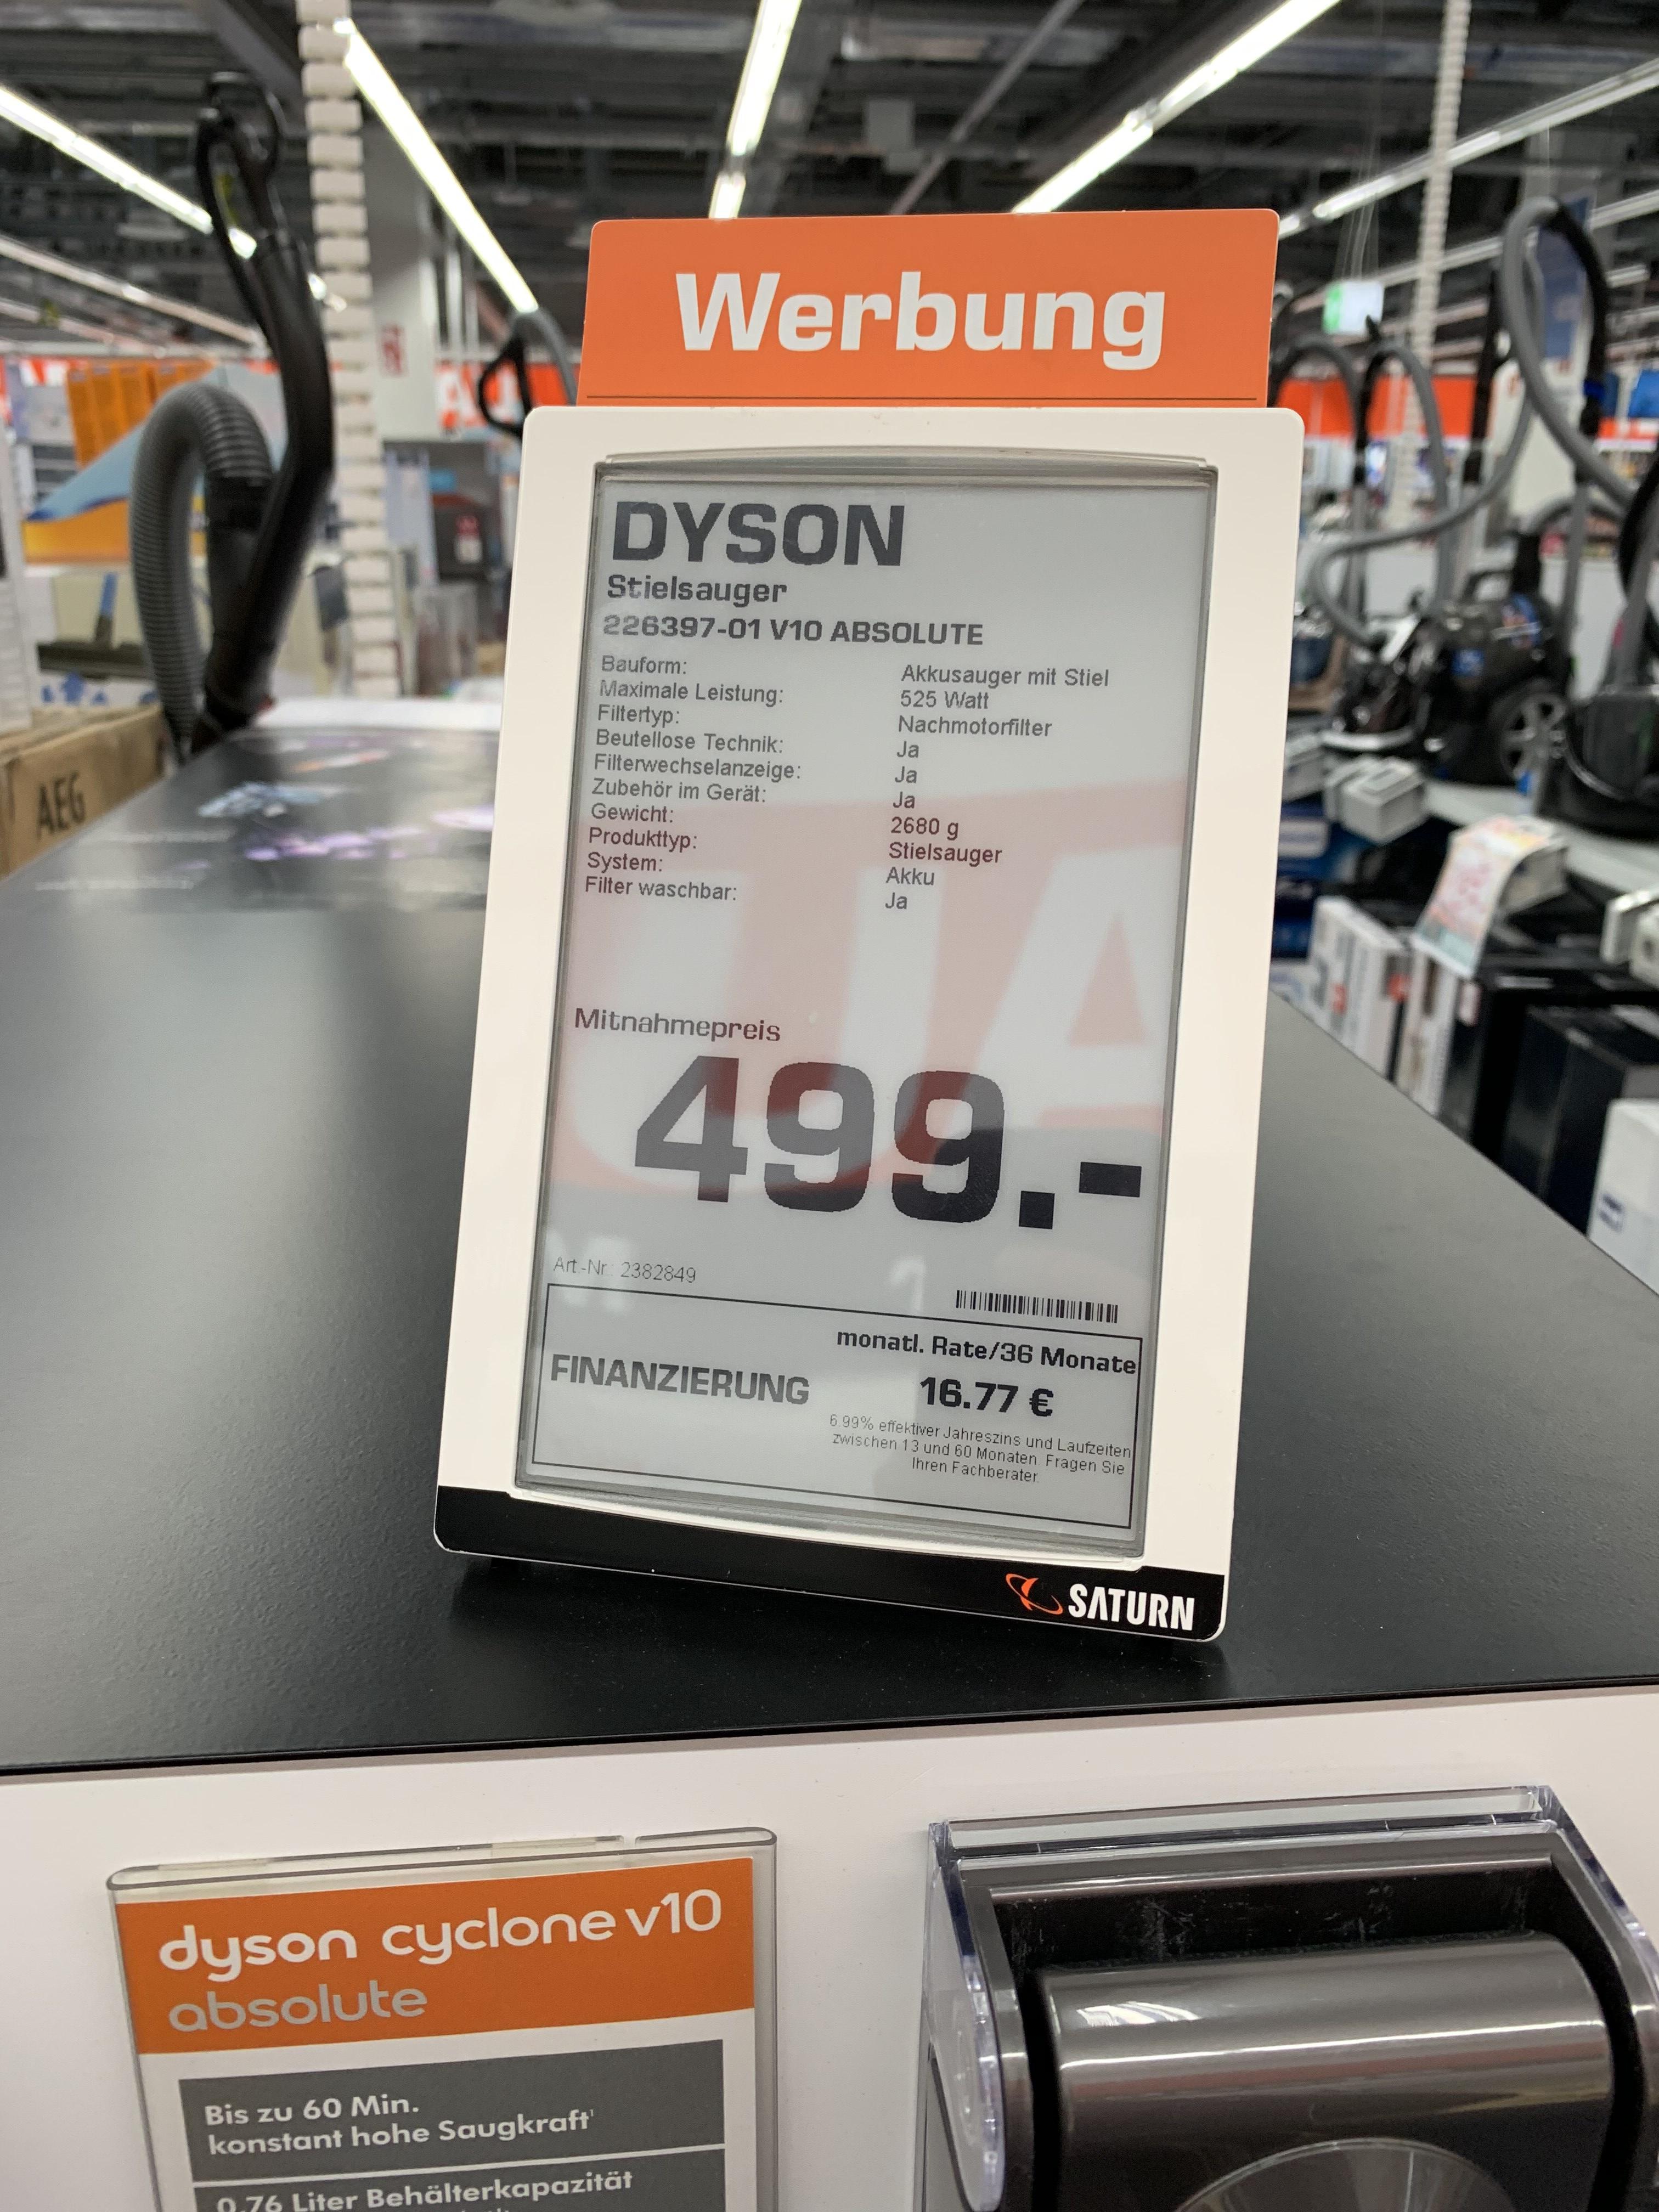 Lokal Dortmund und Umgebung: Dyson Cyclone V10 Absolute